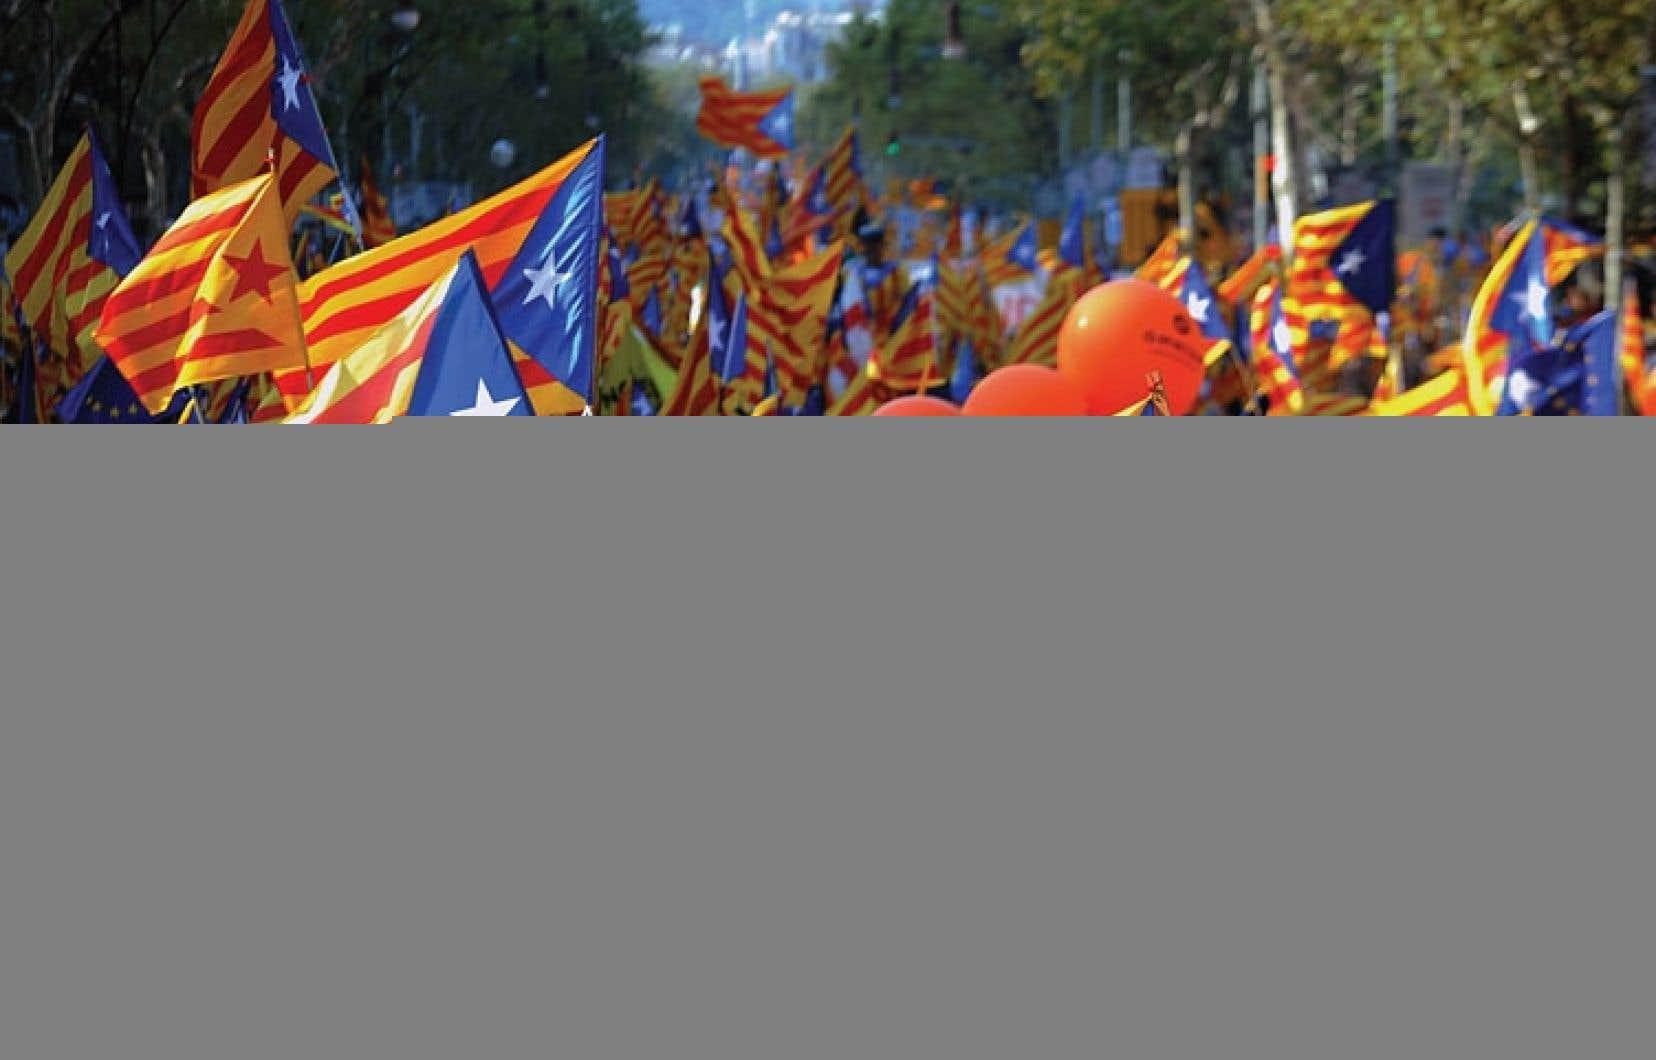 Les indépendantistes espèrent réitérer le succès de la manifestation du 11 septembre 2012, qui avait réuni plusieurs centaines de milliers de personnes à Barcelone.